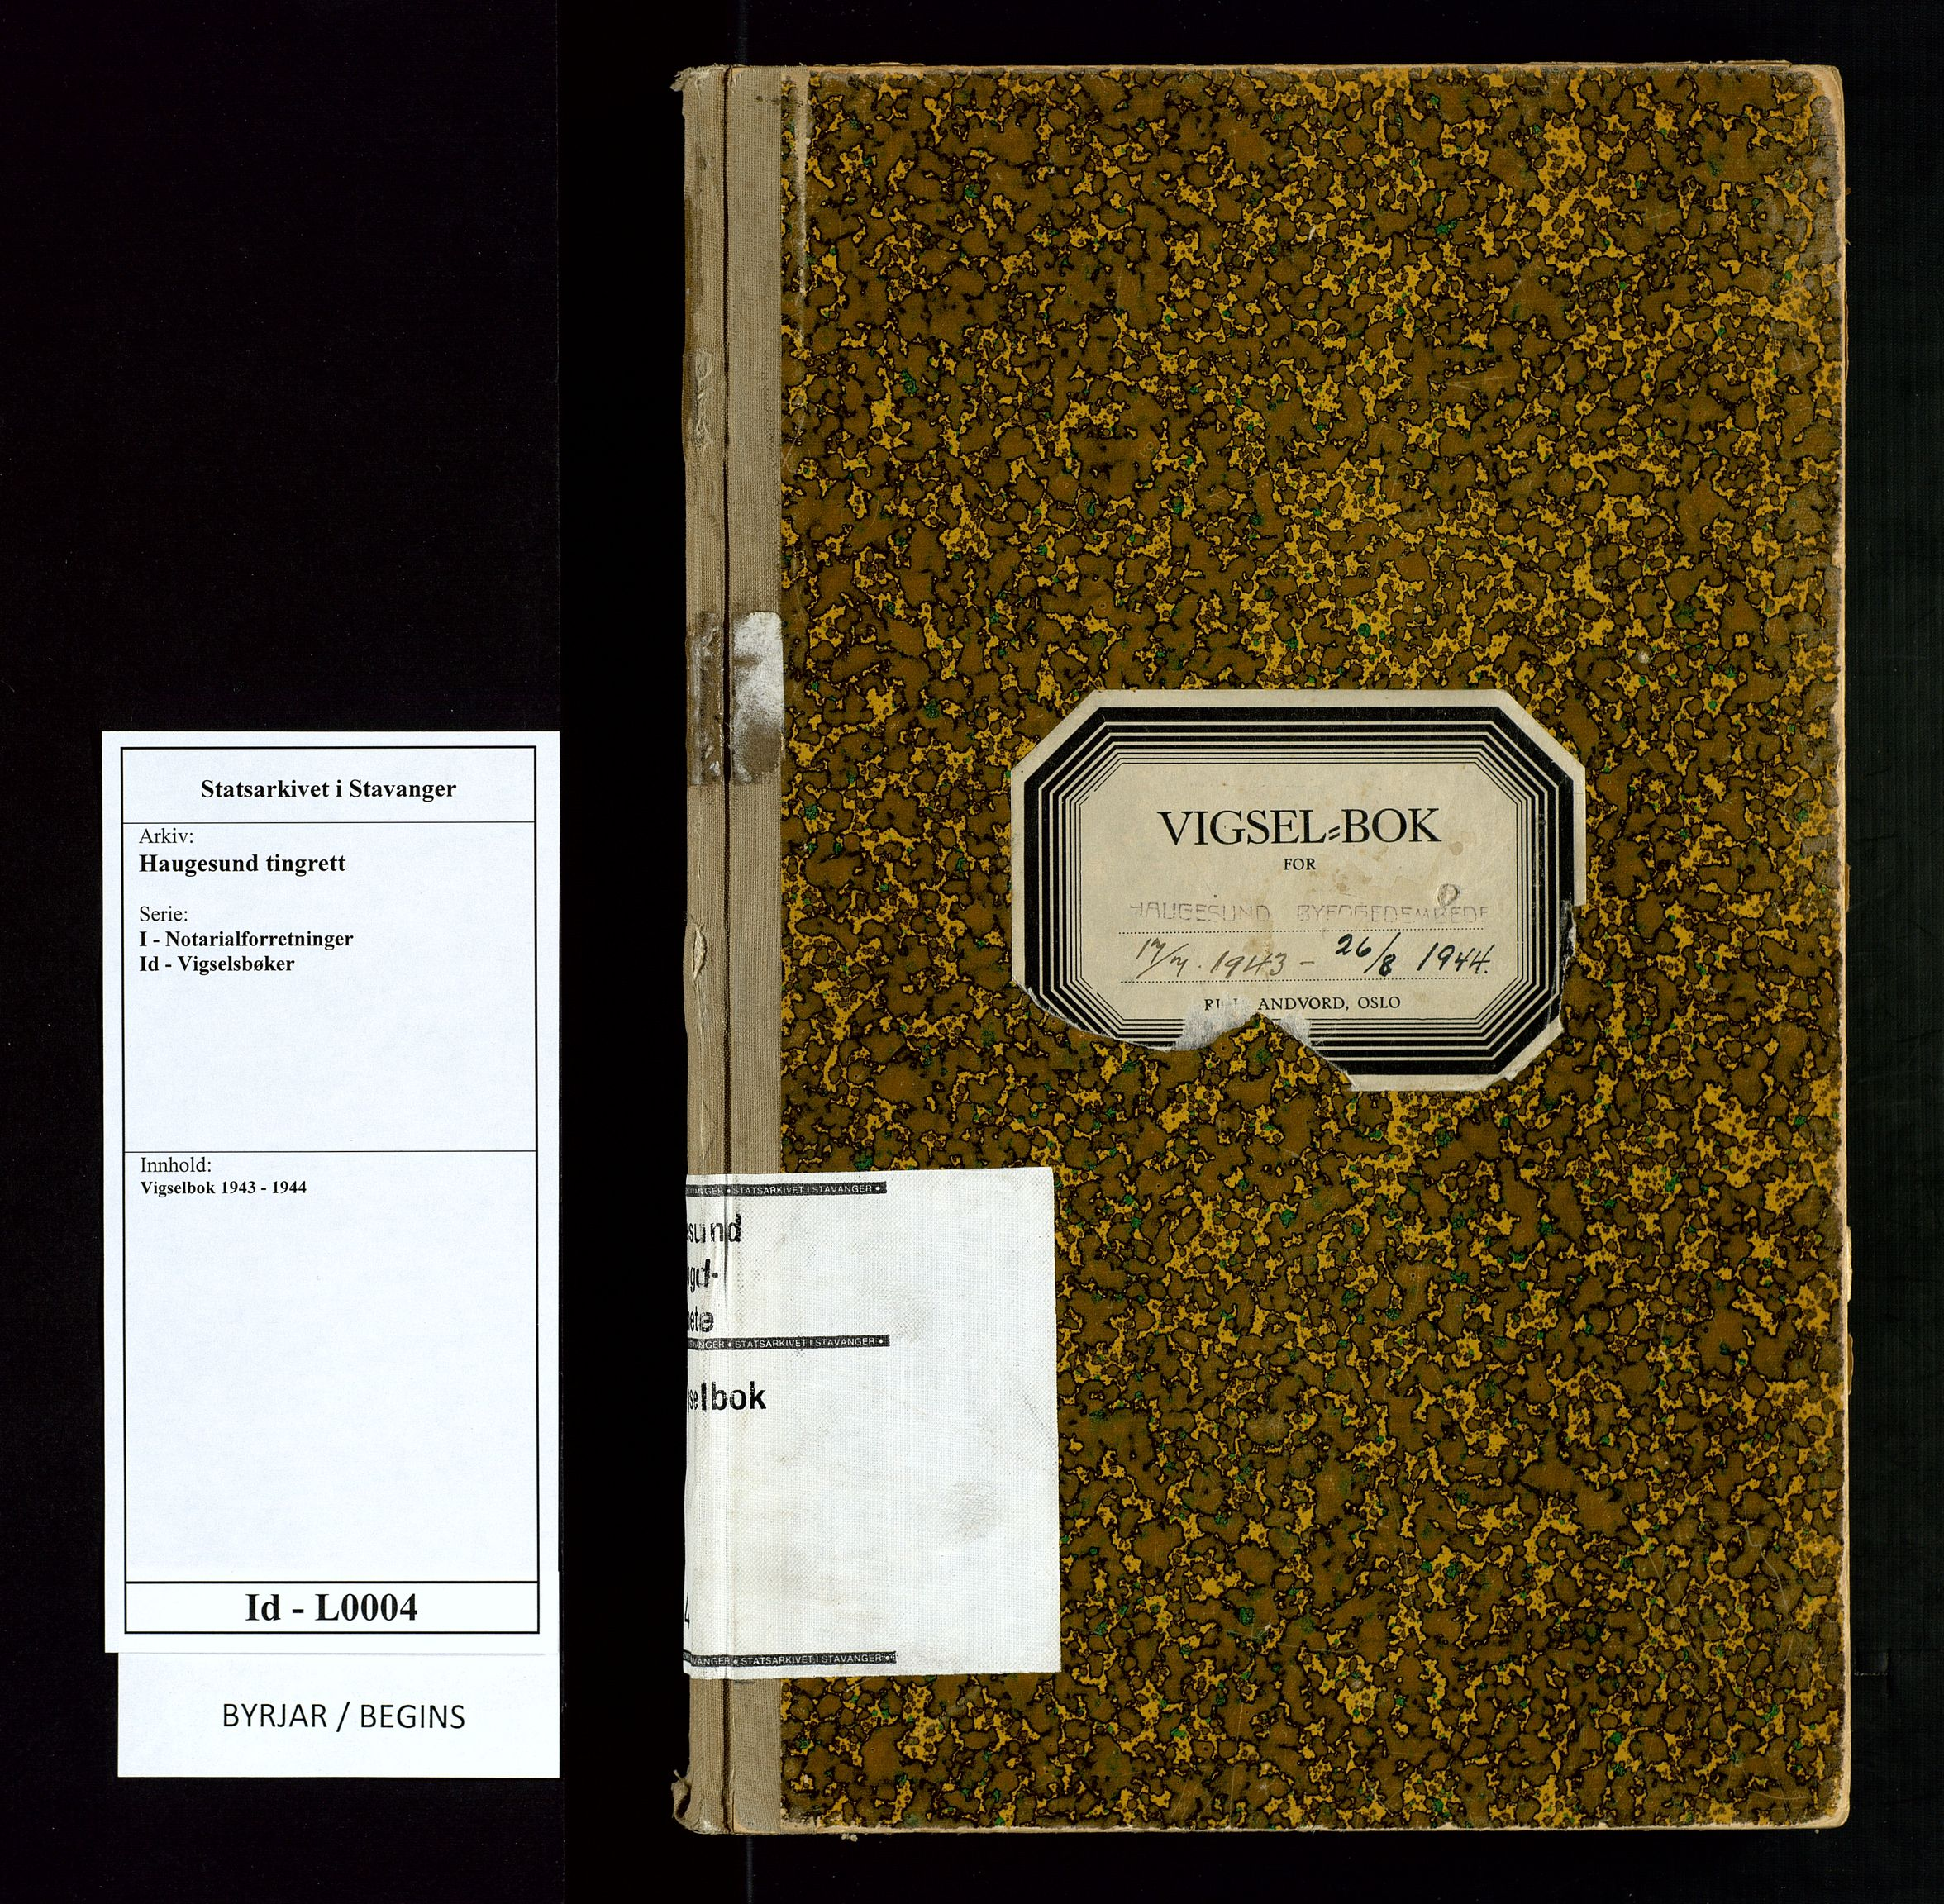 SAST, Haugesund tingrett, III/IIID/L0004: Vigselbok, 1943-1944, s. upaginert